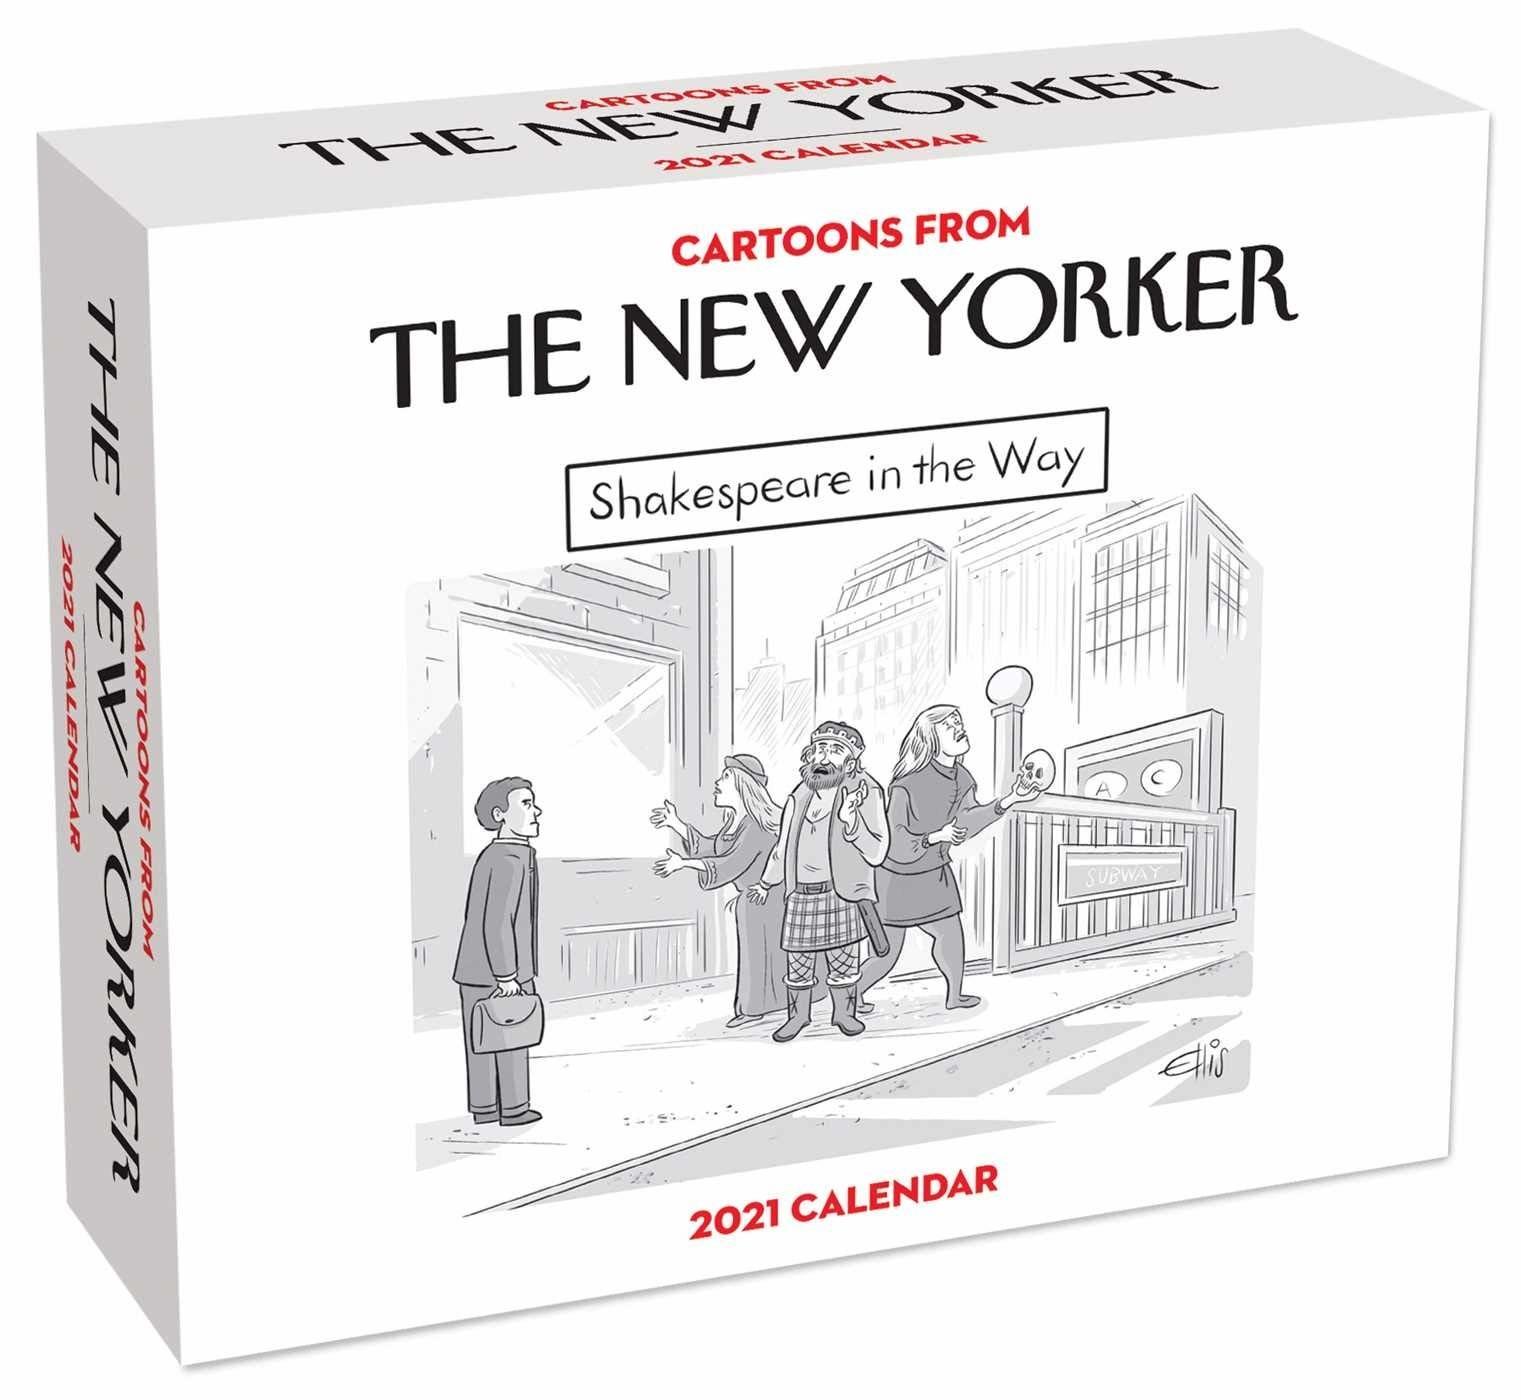 The New Yorker cartoon 2021 calendar